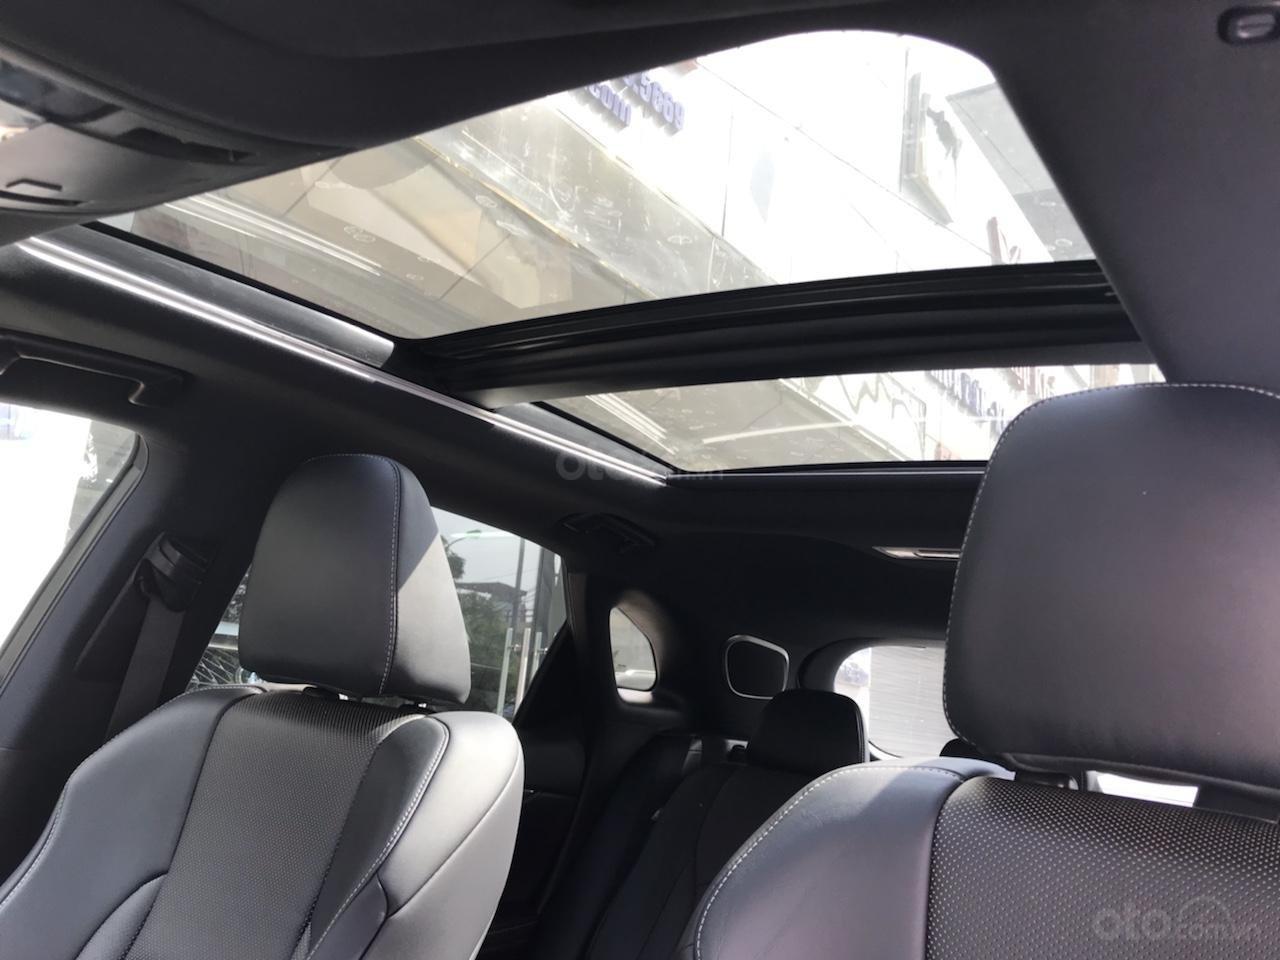 Bán Lexus RX 350 Fsport 2016, màu trắng, xe nhập Mỹ, LH Ms Hương 0945392468 (21)